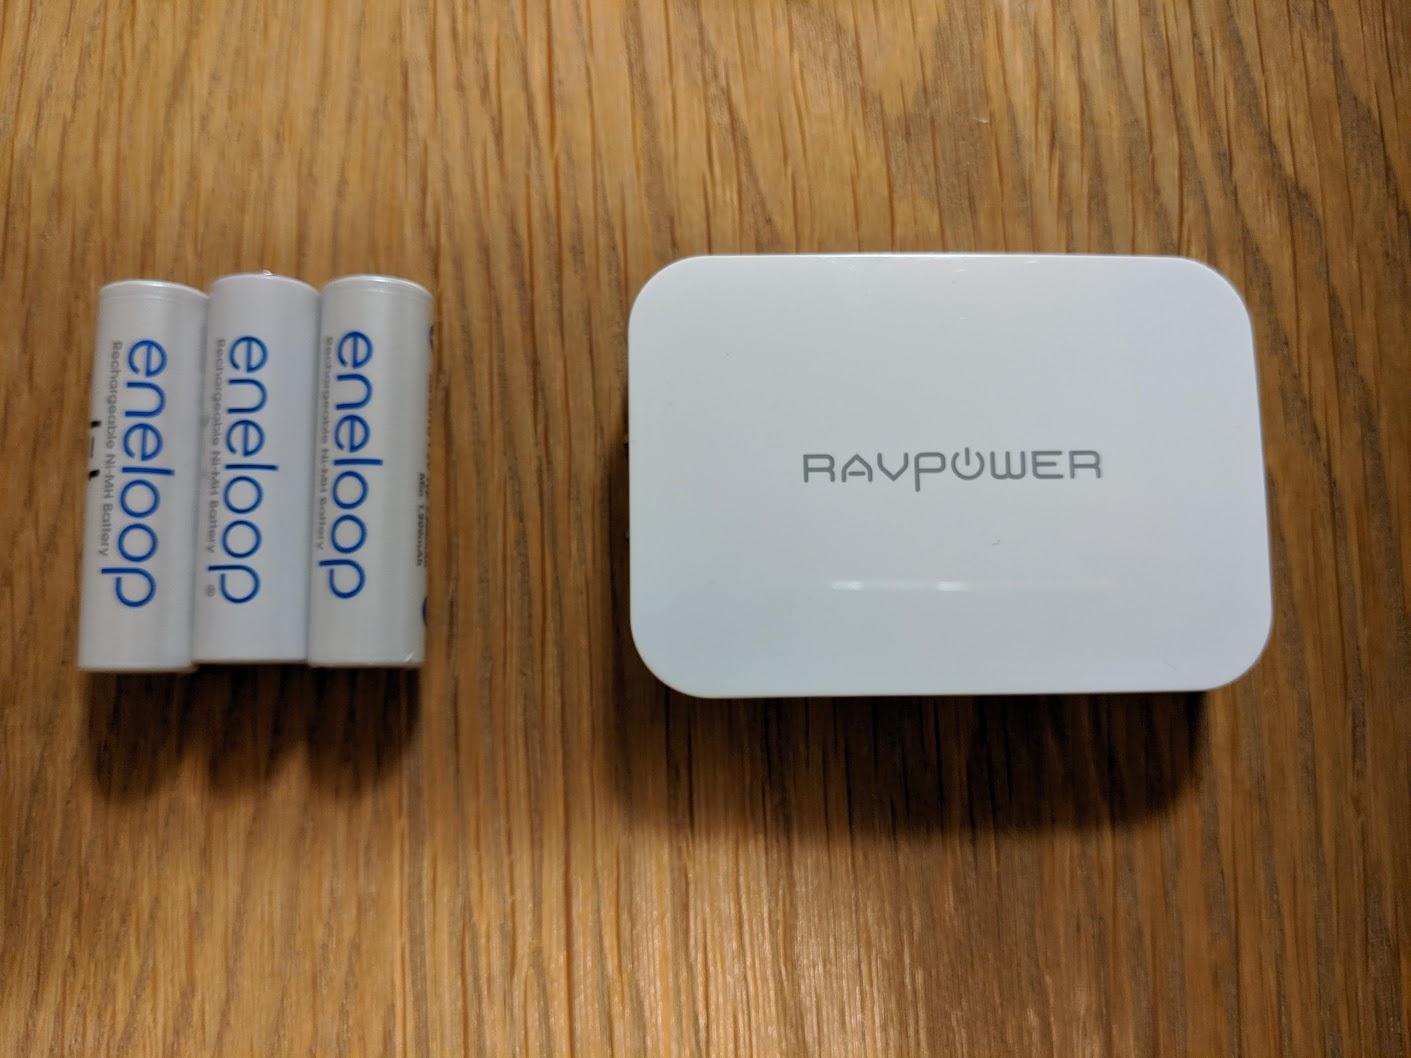 単三乾電池とRP-PC104の大きさ比較